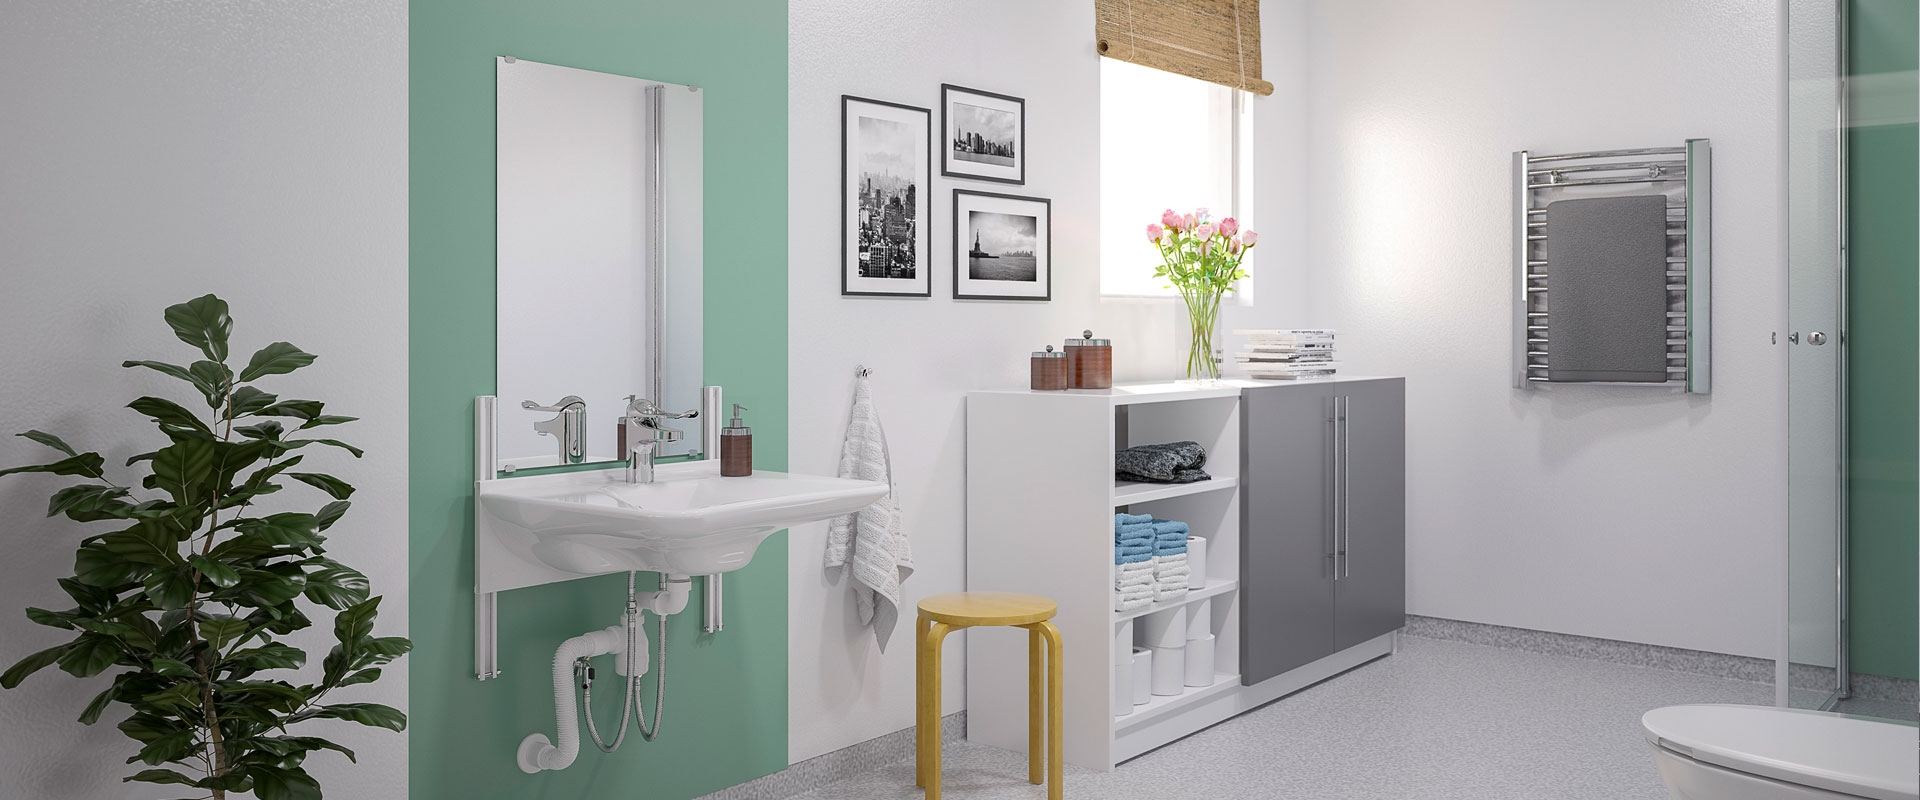 Manuellt höj- och sänkbara tvättställ